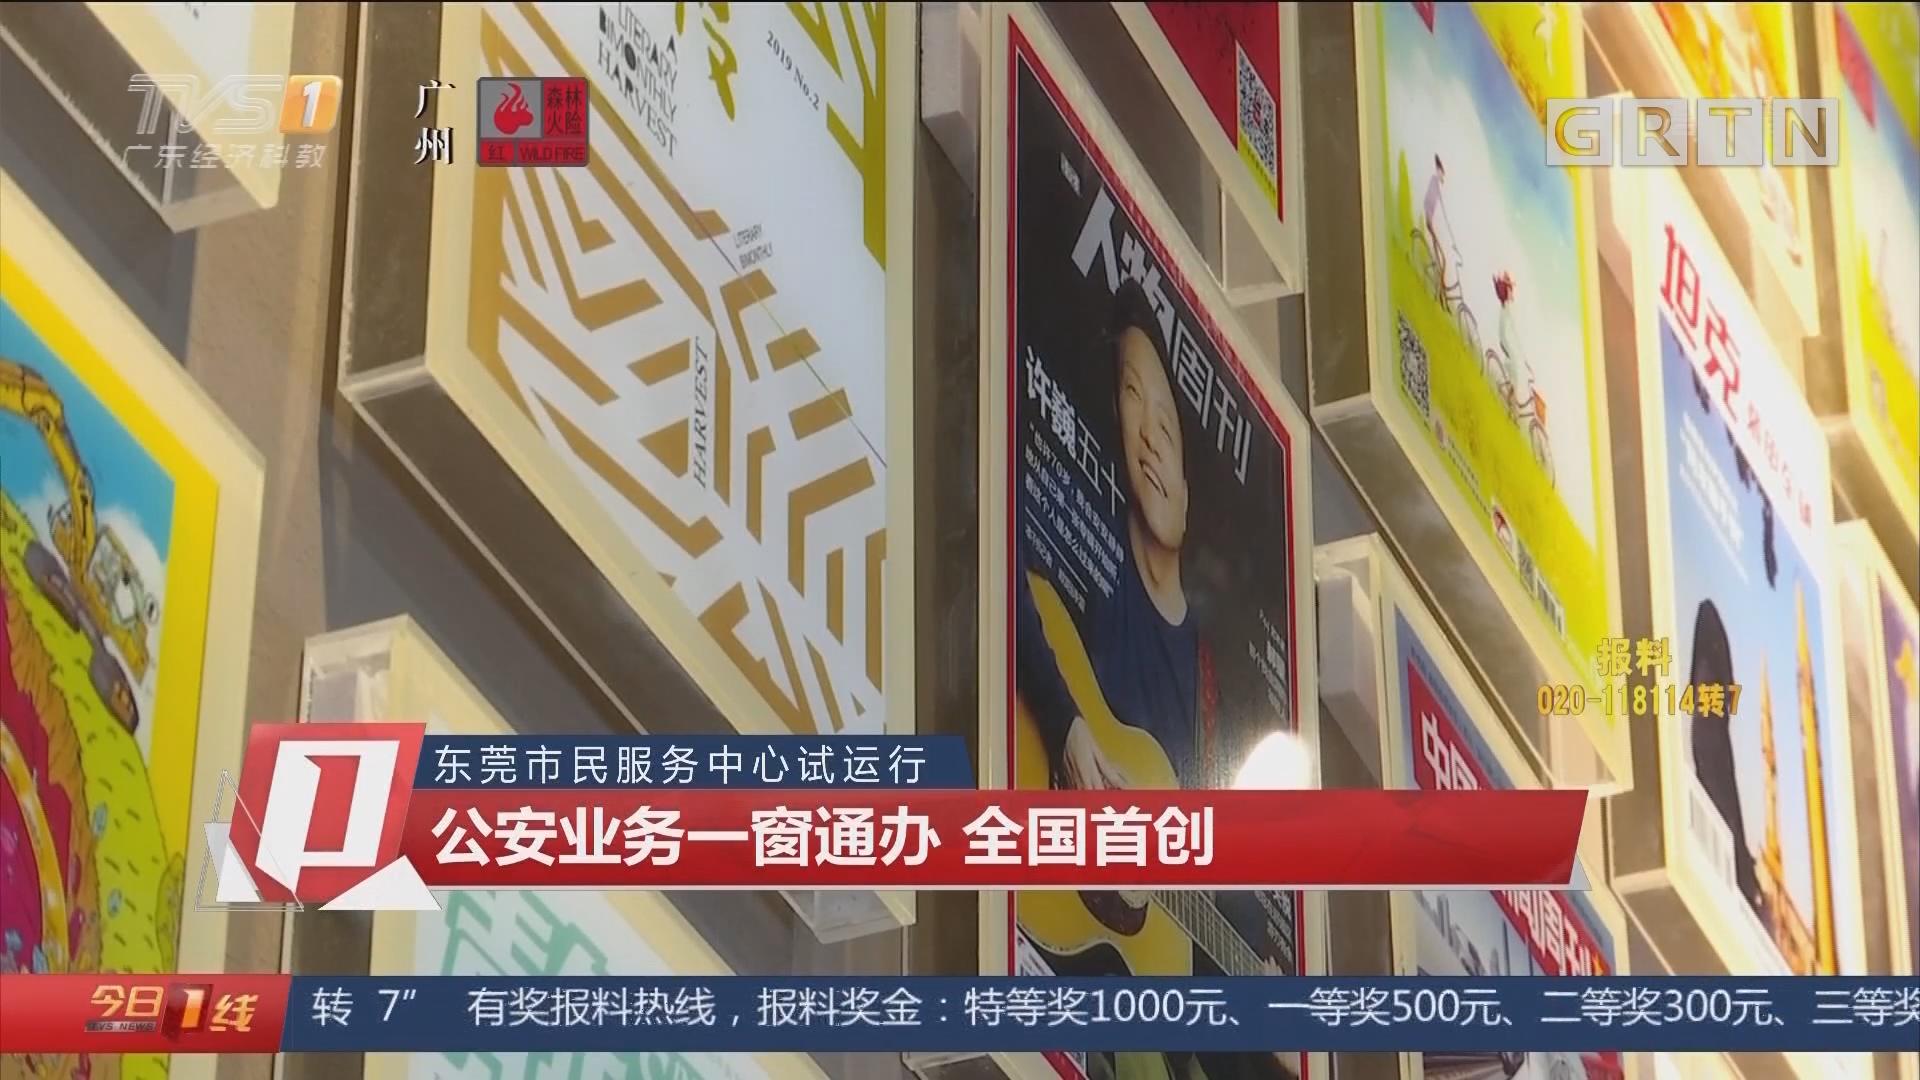 东莞市民服务中心试运行:公安业务一窗通办 全国首创